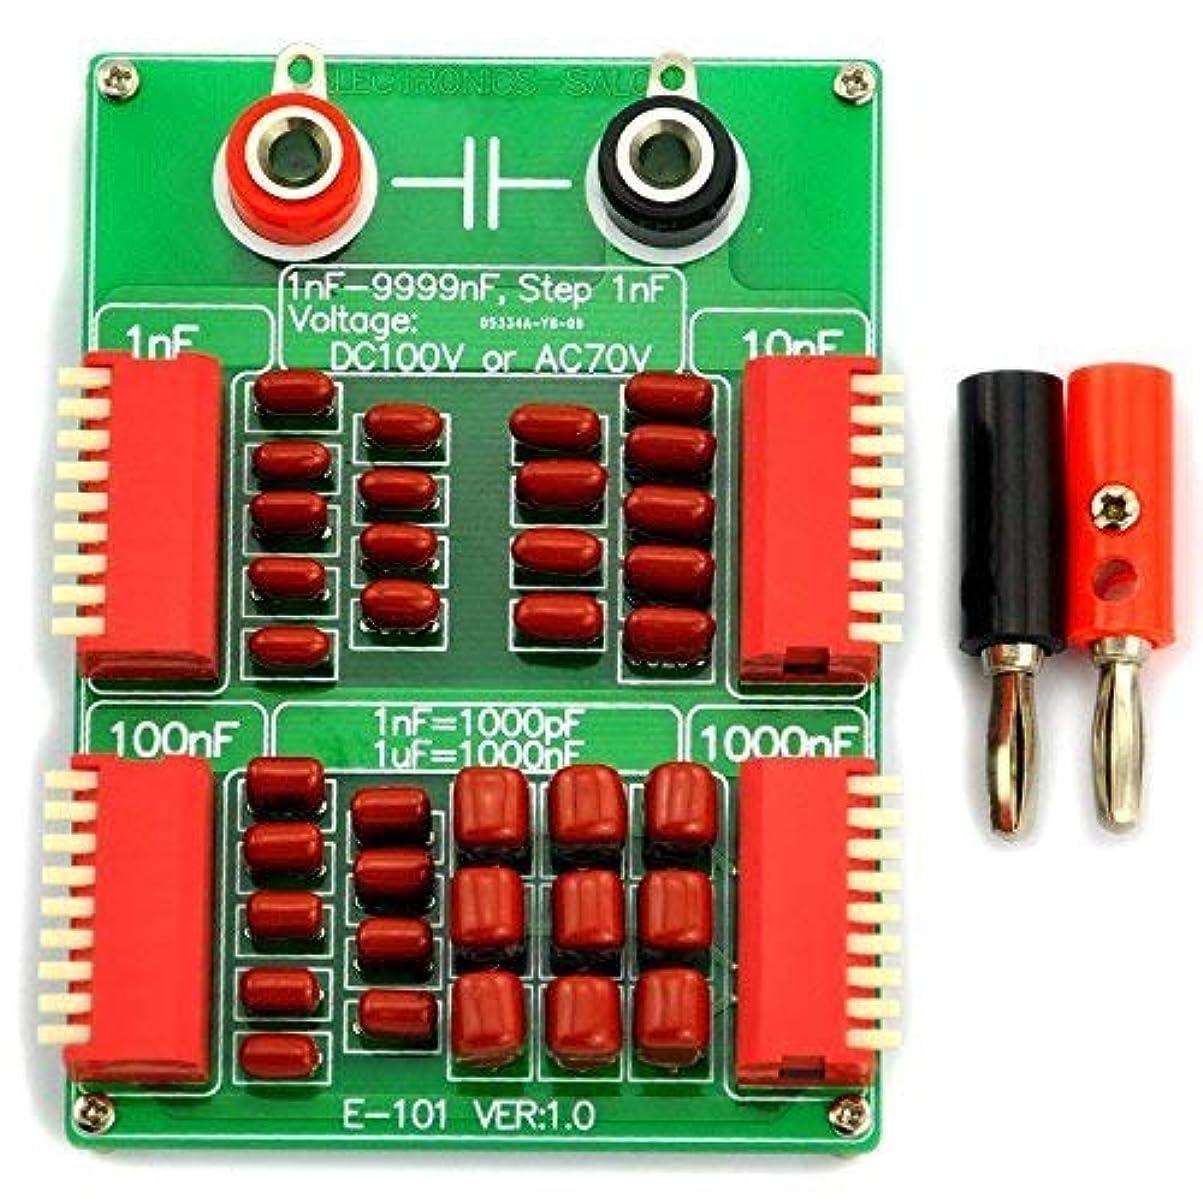 コミュニケーション褐色土曜日Electronics-Salon 9999nfステップ-1nF 4十年 プログラム可能なコンデンサ?ボードに1nF